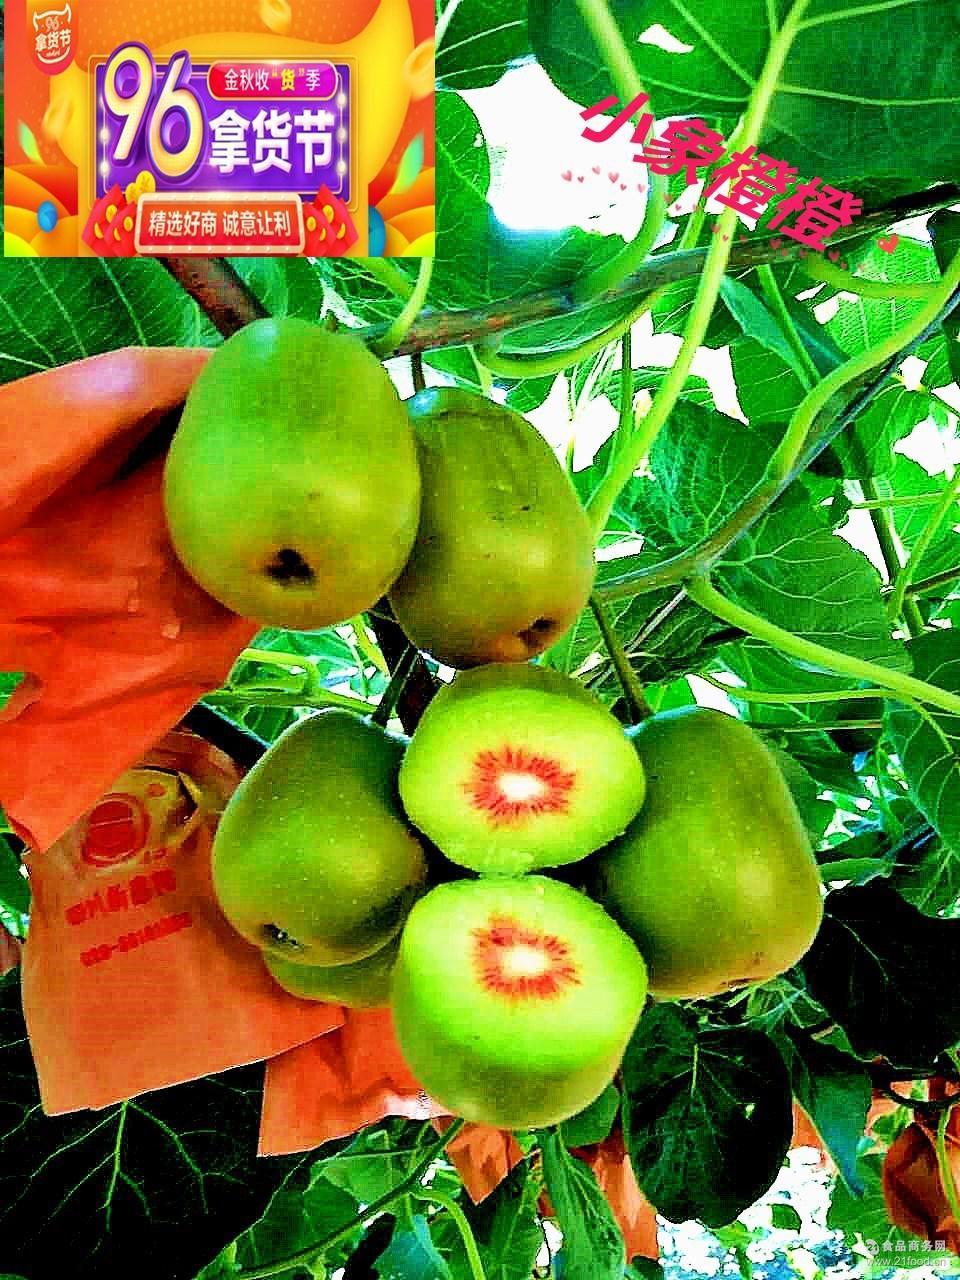 香甜多汁包邮 四川正宗蒲江红心猕猴桃 果园现采现发新鲜孕妇水果